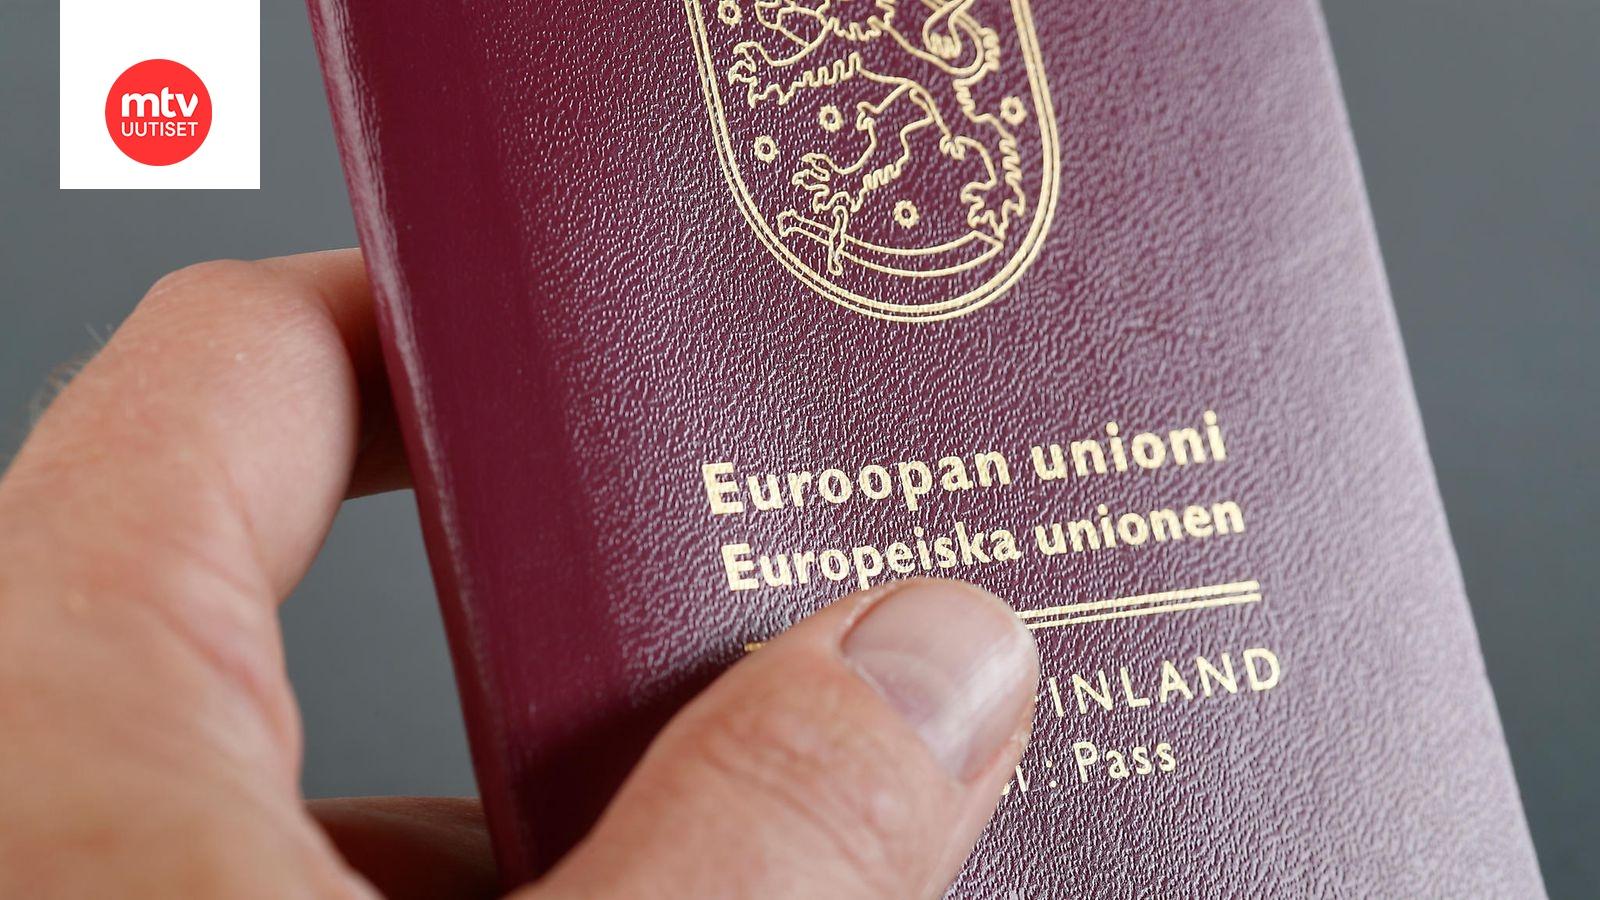 hae passi netissä